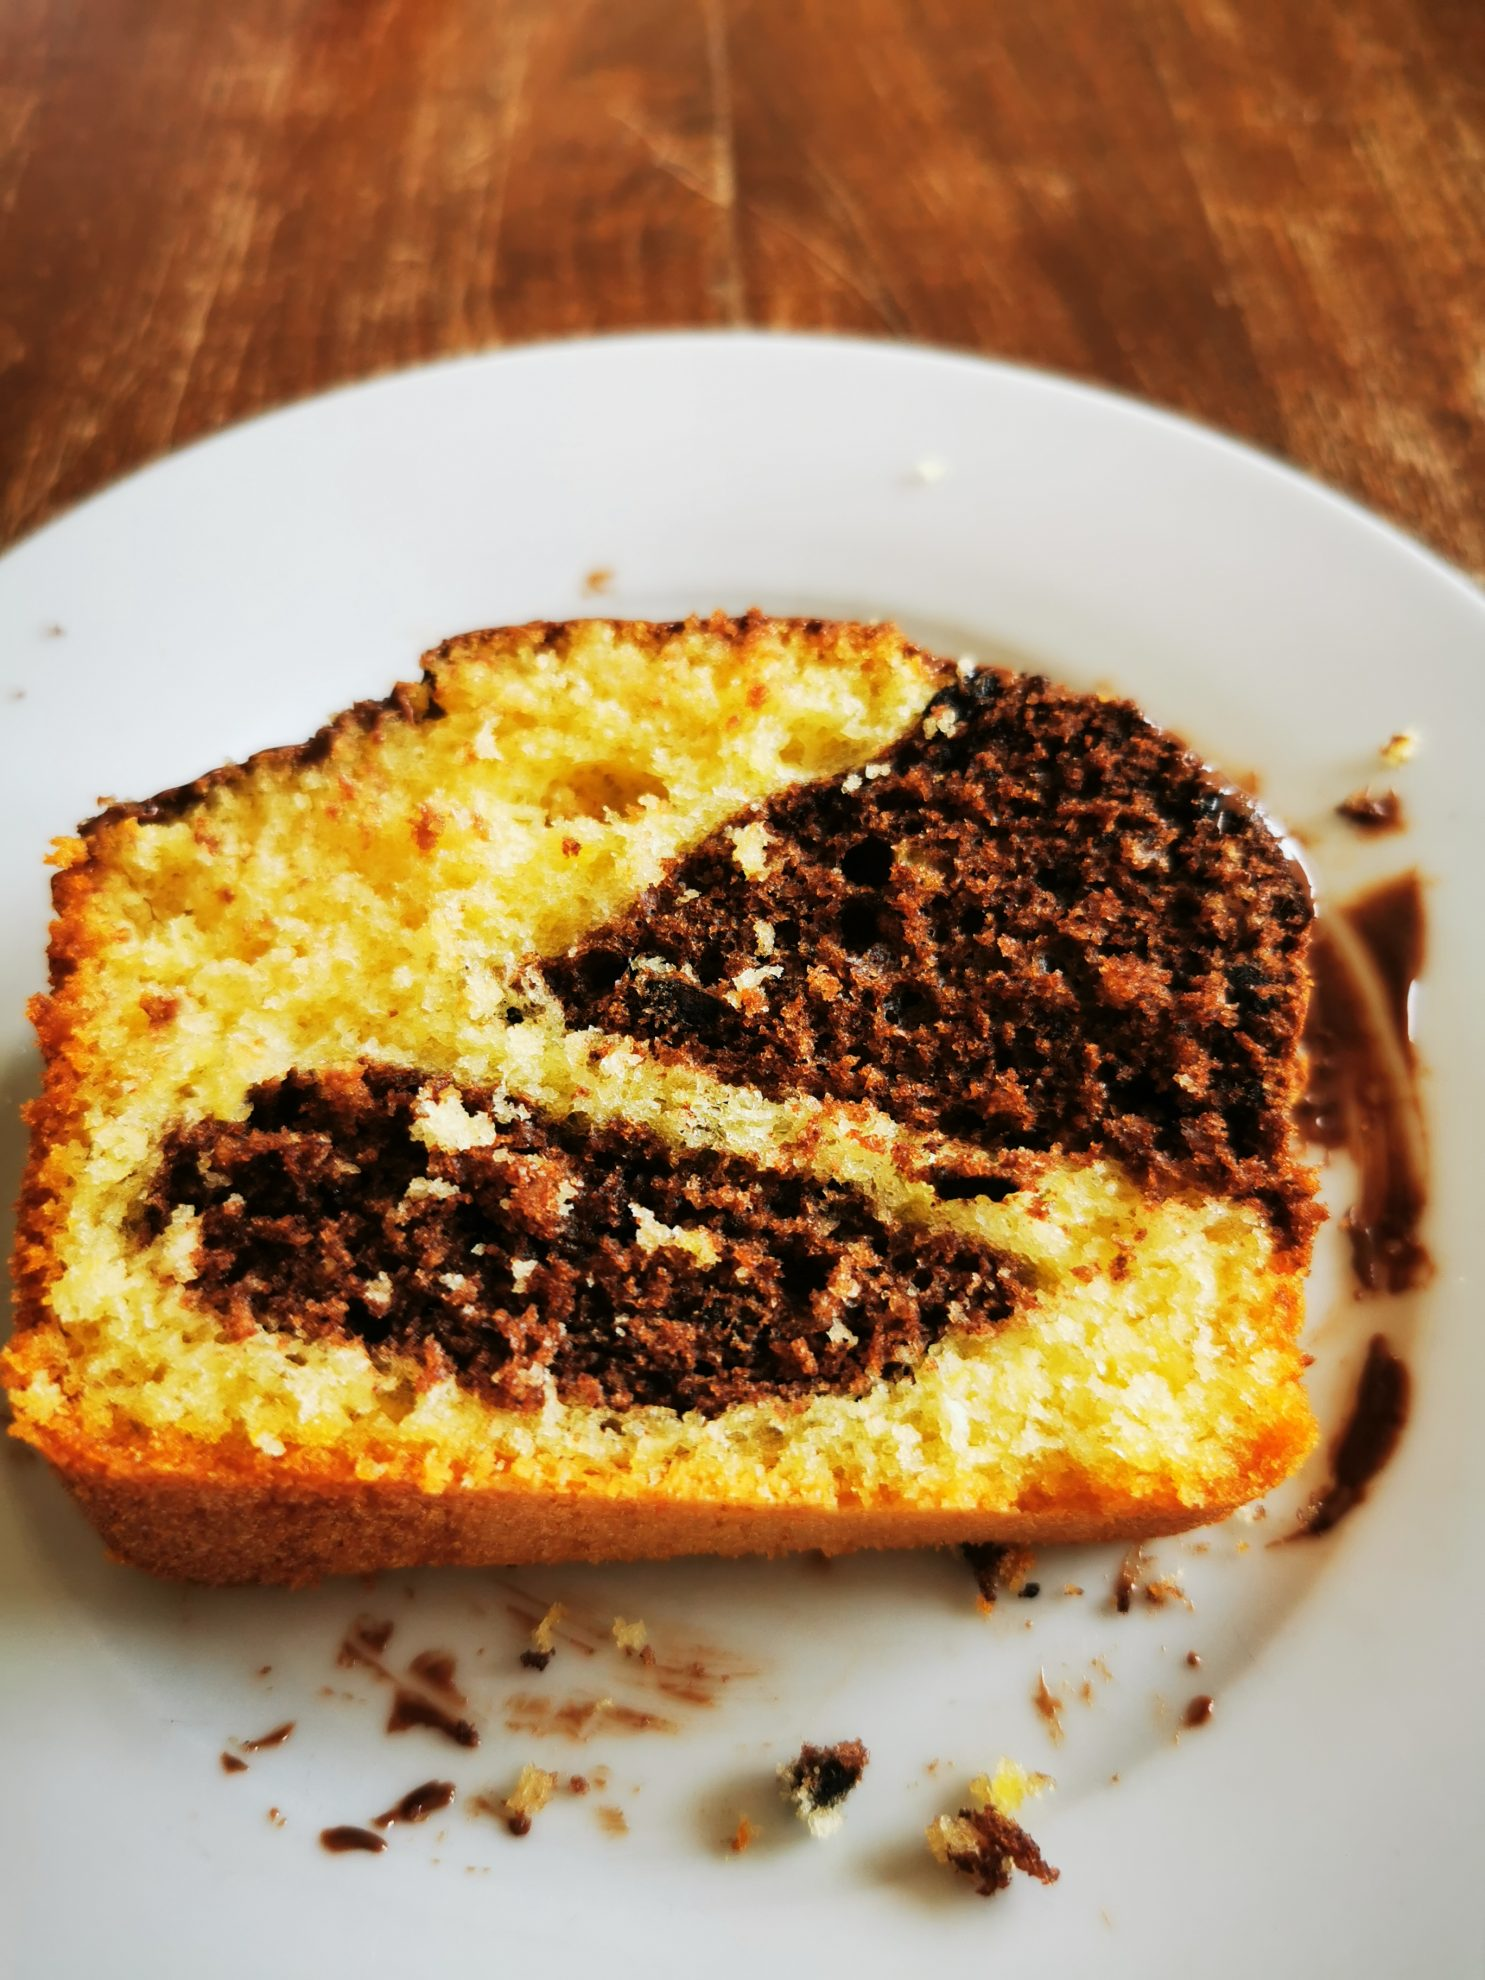 So toll kann Kuchen aussehen. Ein Kuchenstück mit Kuhfleckenmuster macht richtig gute Laune. Dazu der Schokoladenguss, der das Ganze abrundet.